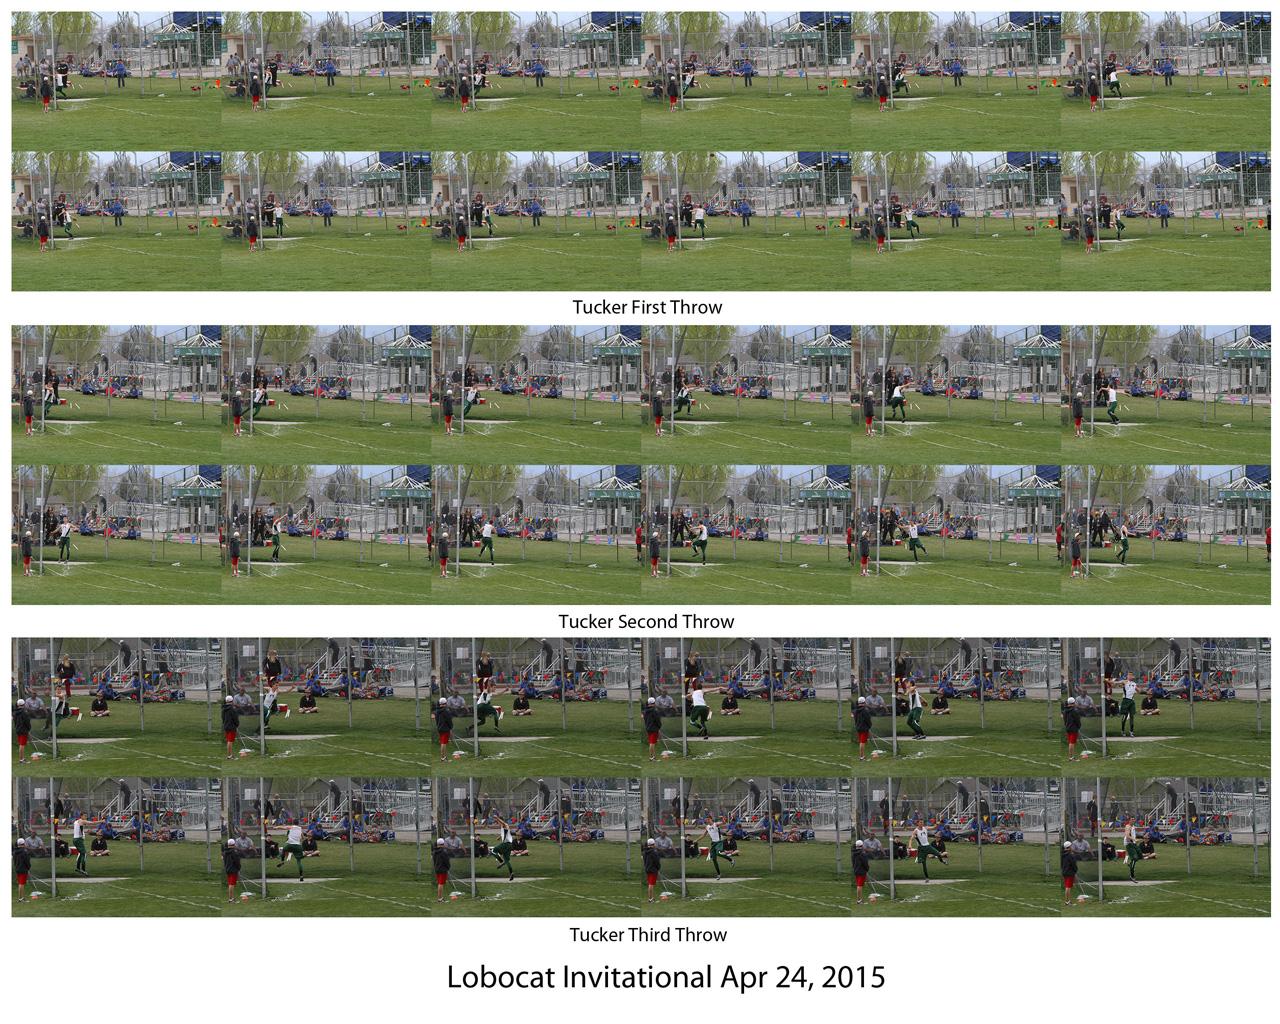 0. Tucker LoboCat 4-24-15.jpg